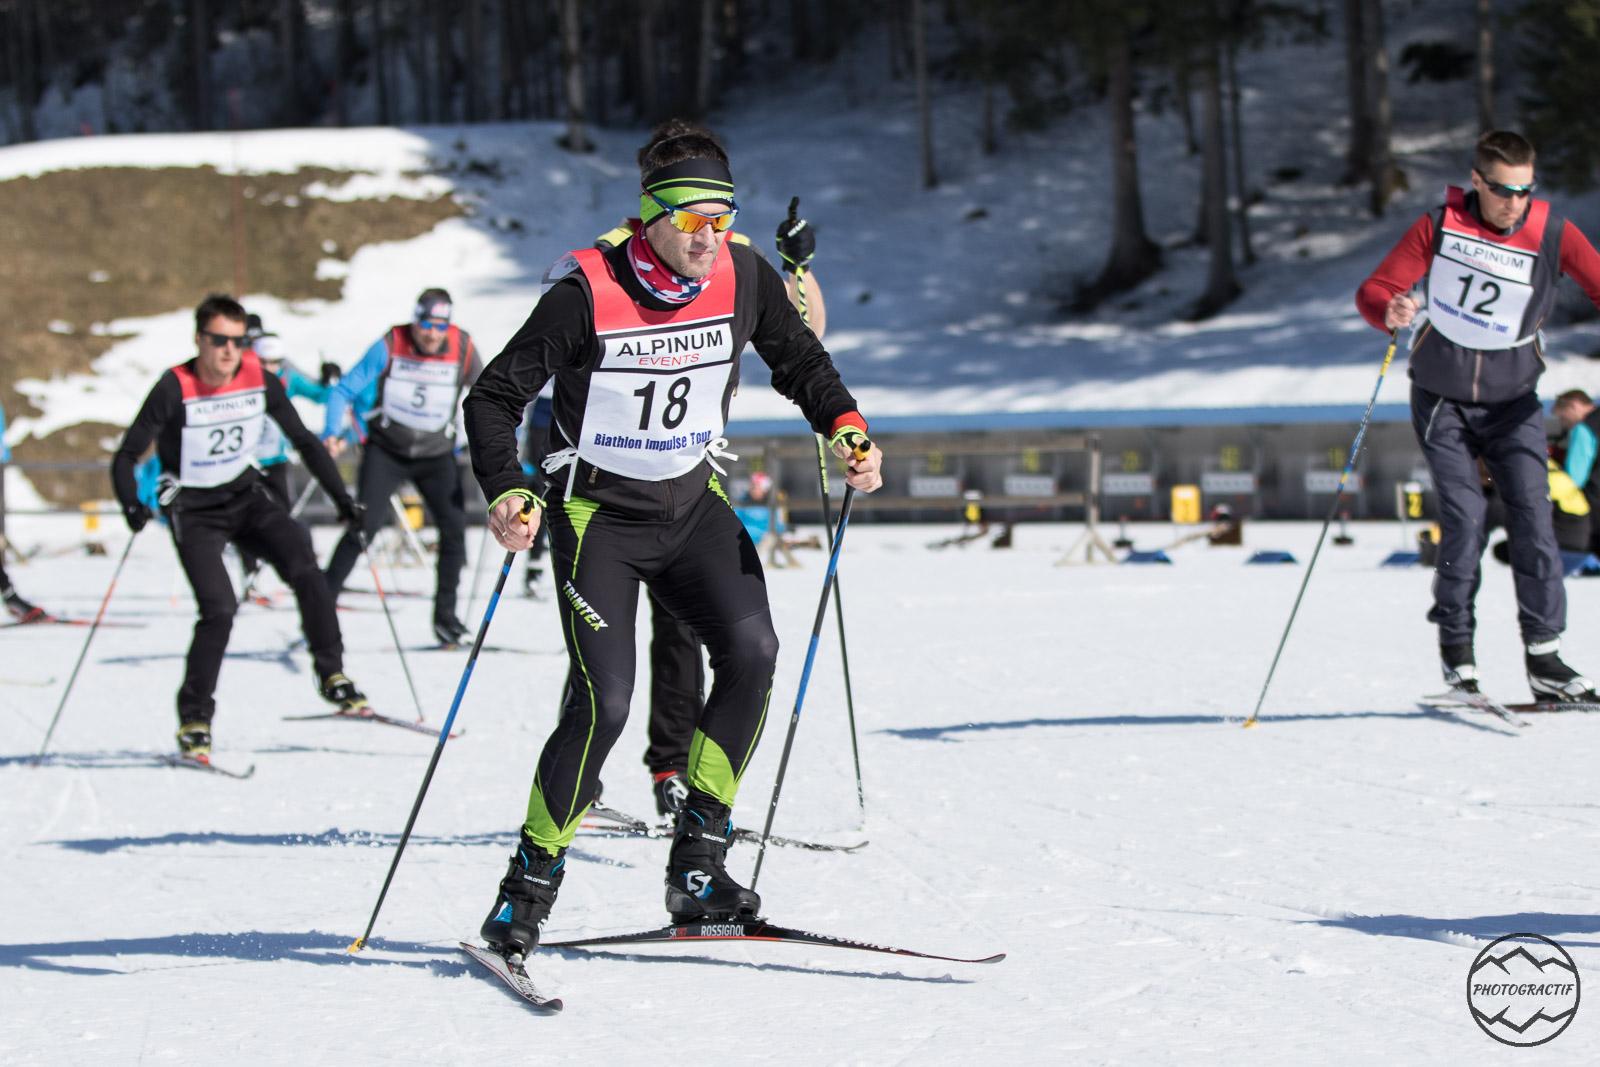 Biathlon Alpinum Les Contamines 2019 (2)